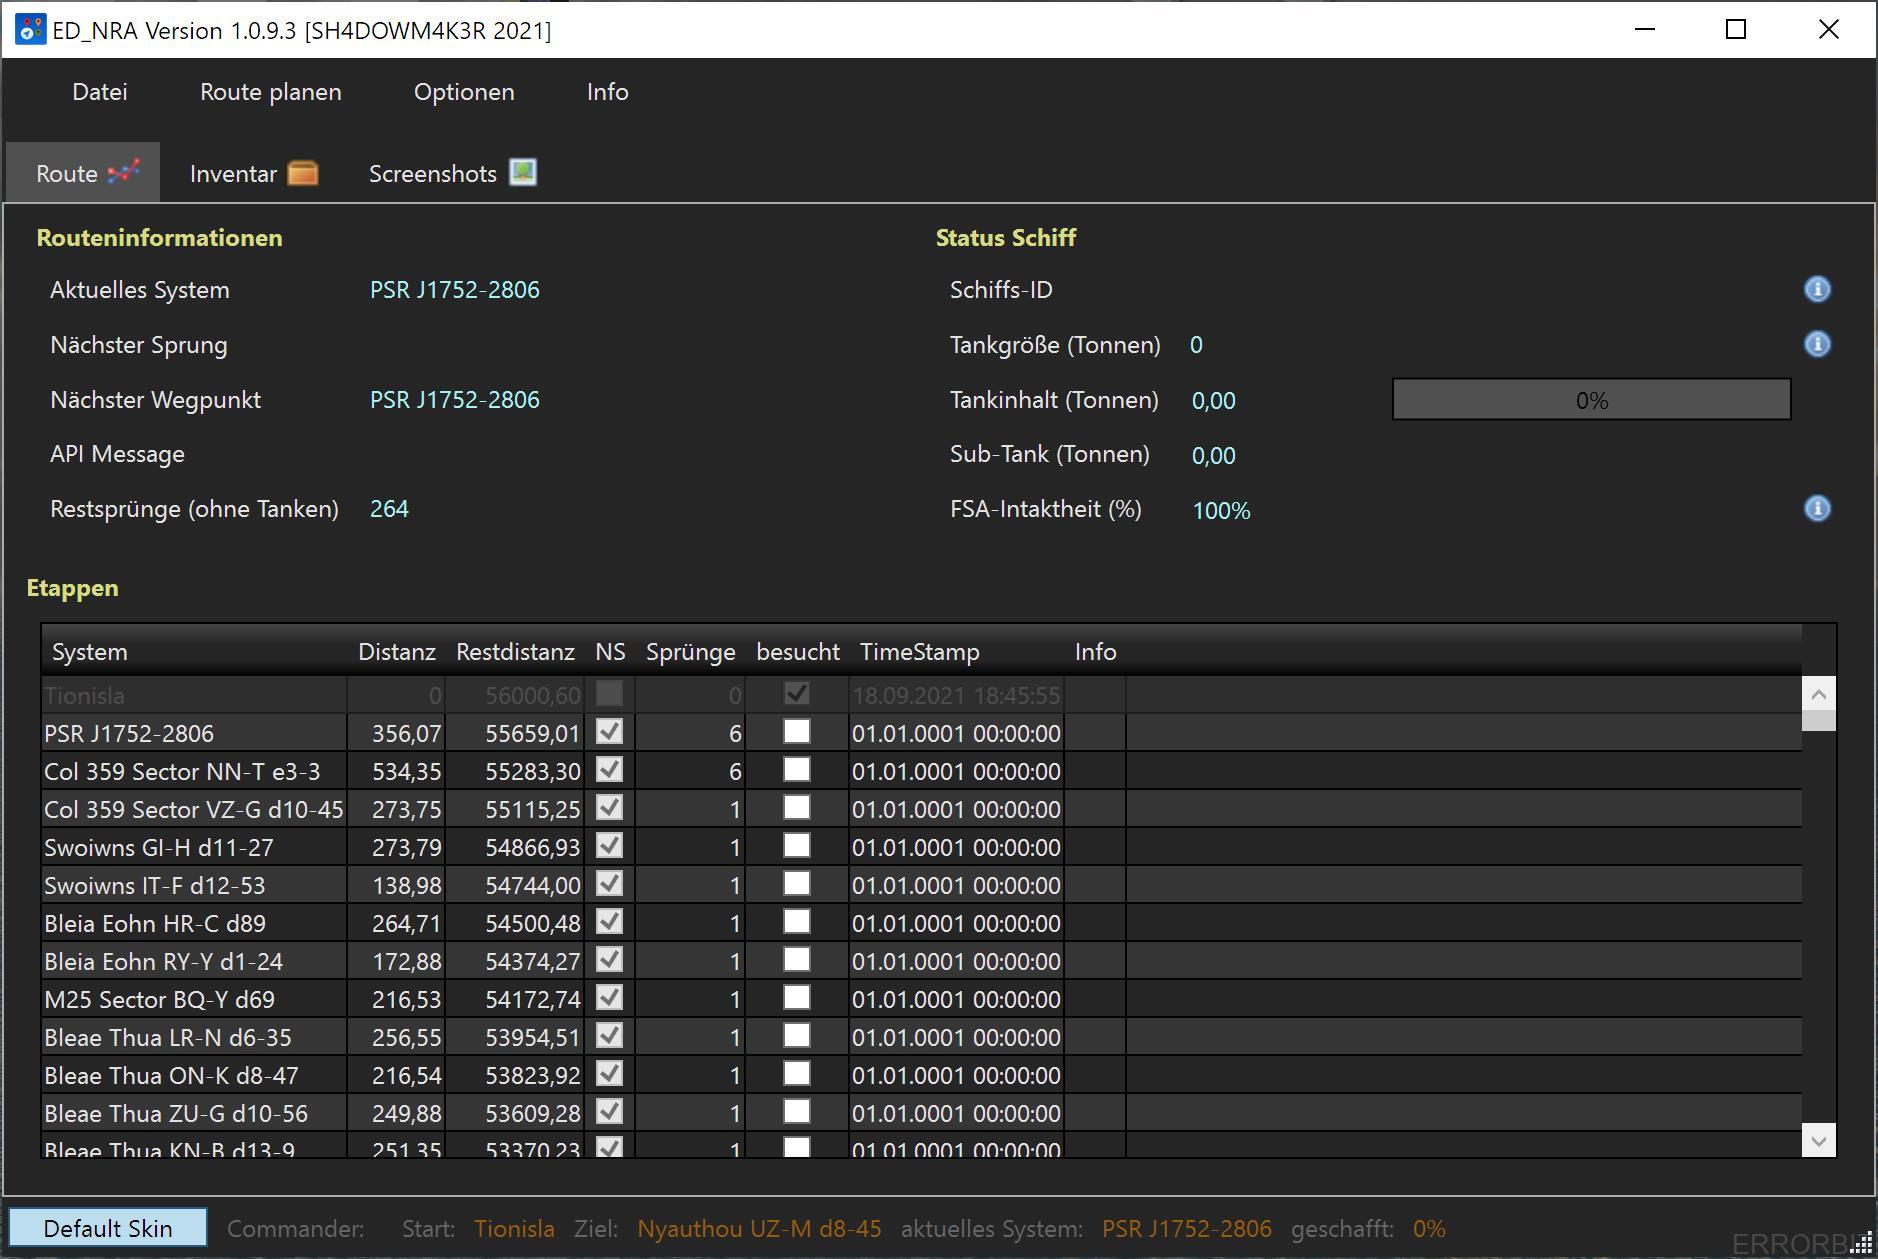 EDNRA-Screenshot